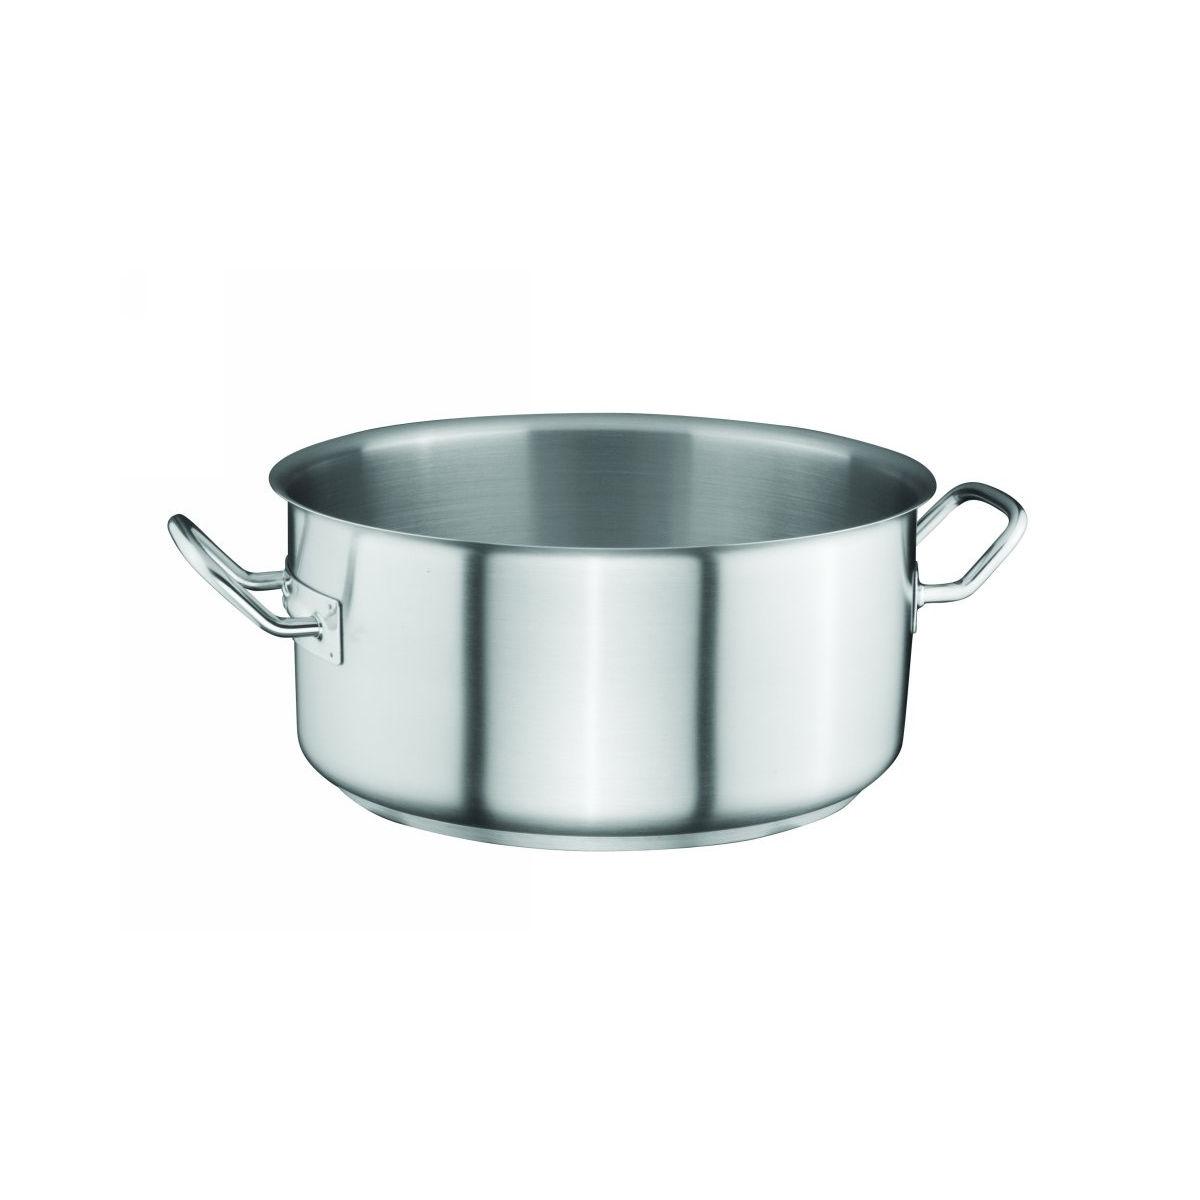 Cratita Gastro Inox 16 L / 36*17 Cm 2021 aranjareamesei.ro